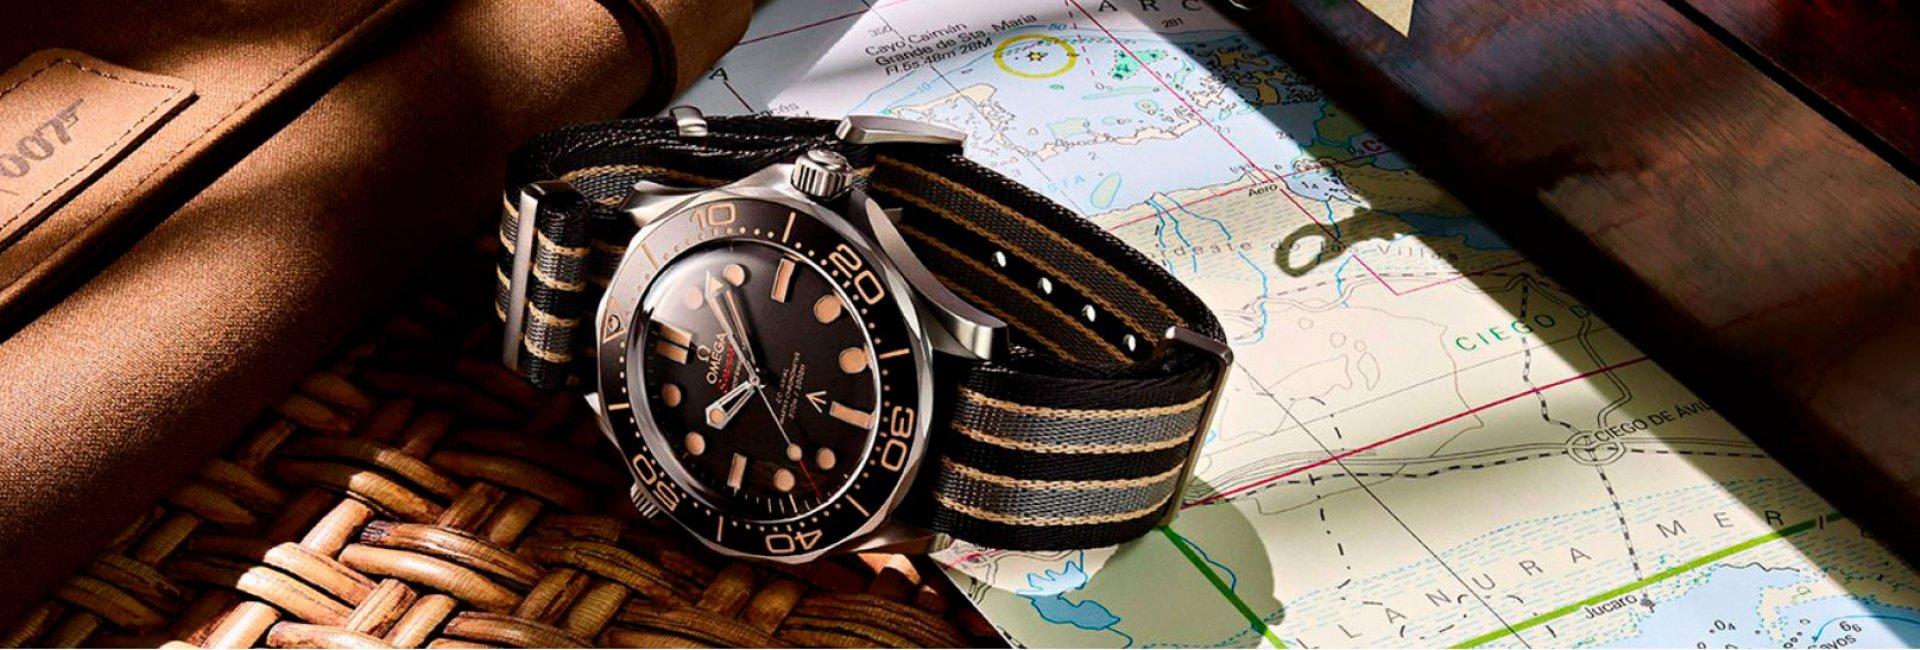 omega seamaster diver 300m co‑axial master chronometer 42 mm edición 007